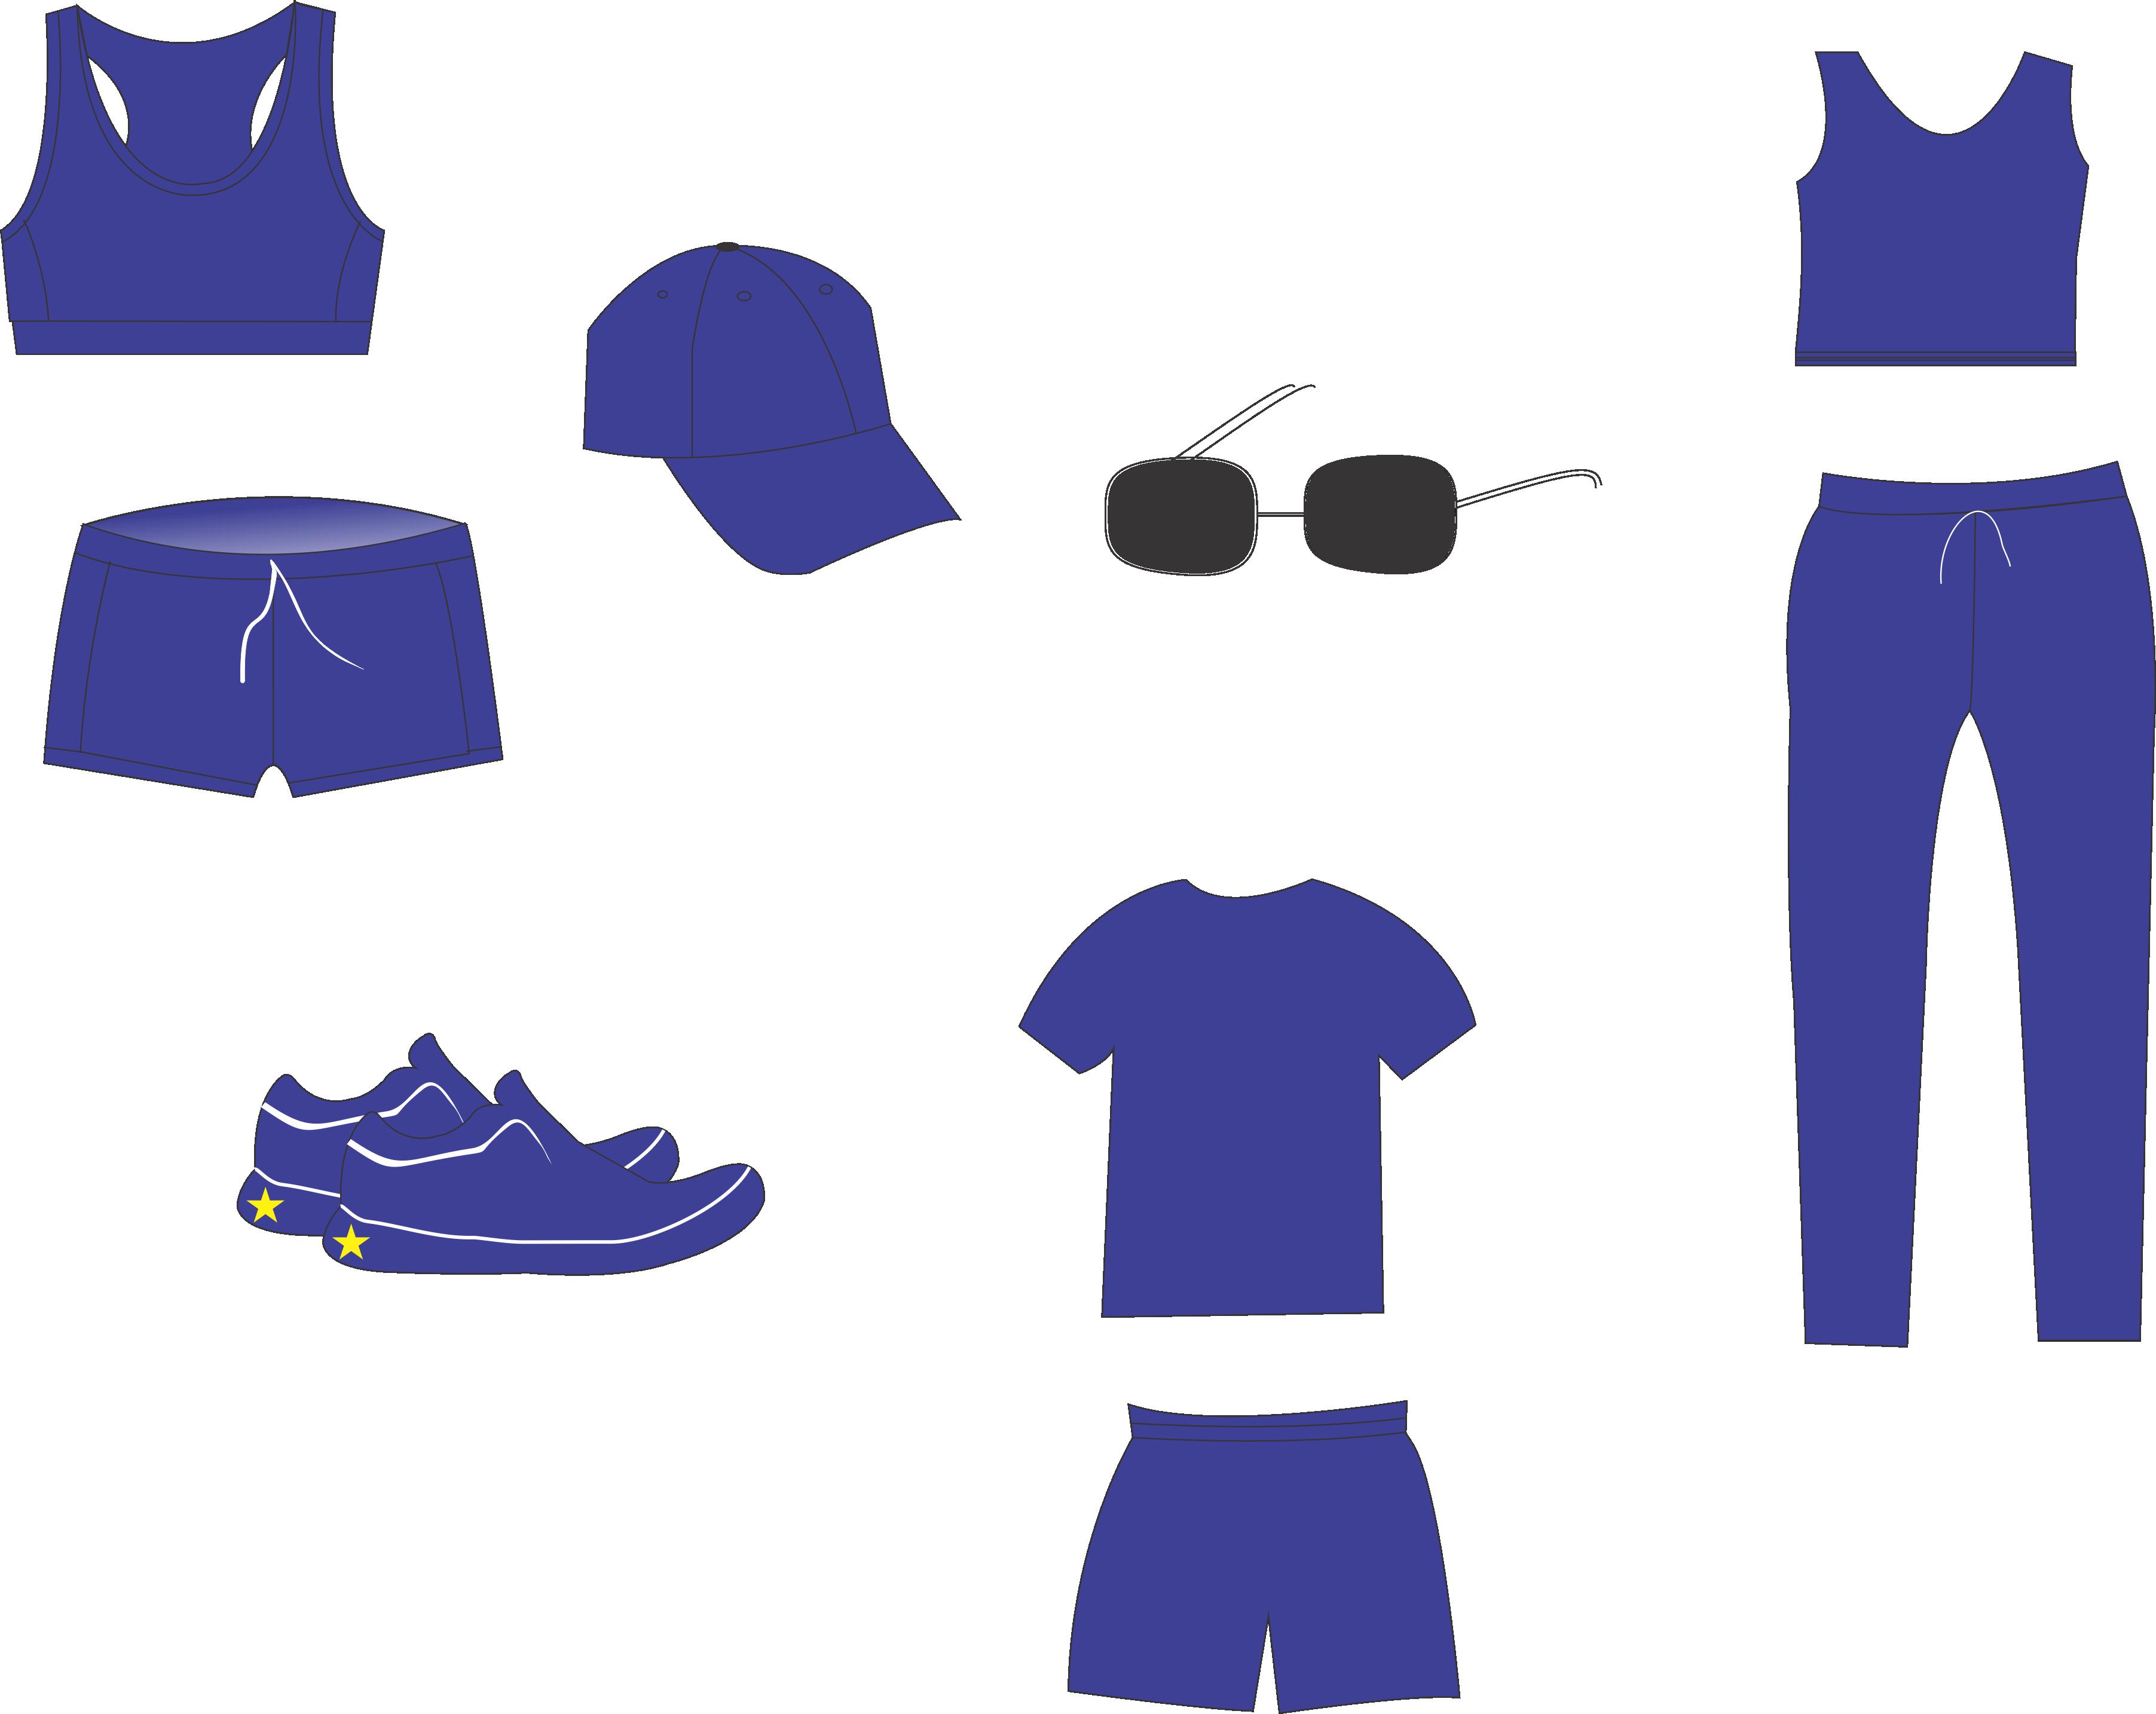 Những đồ dùng được thiết kế bằng đồ họa corel